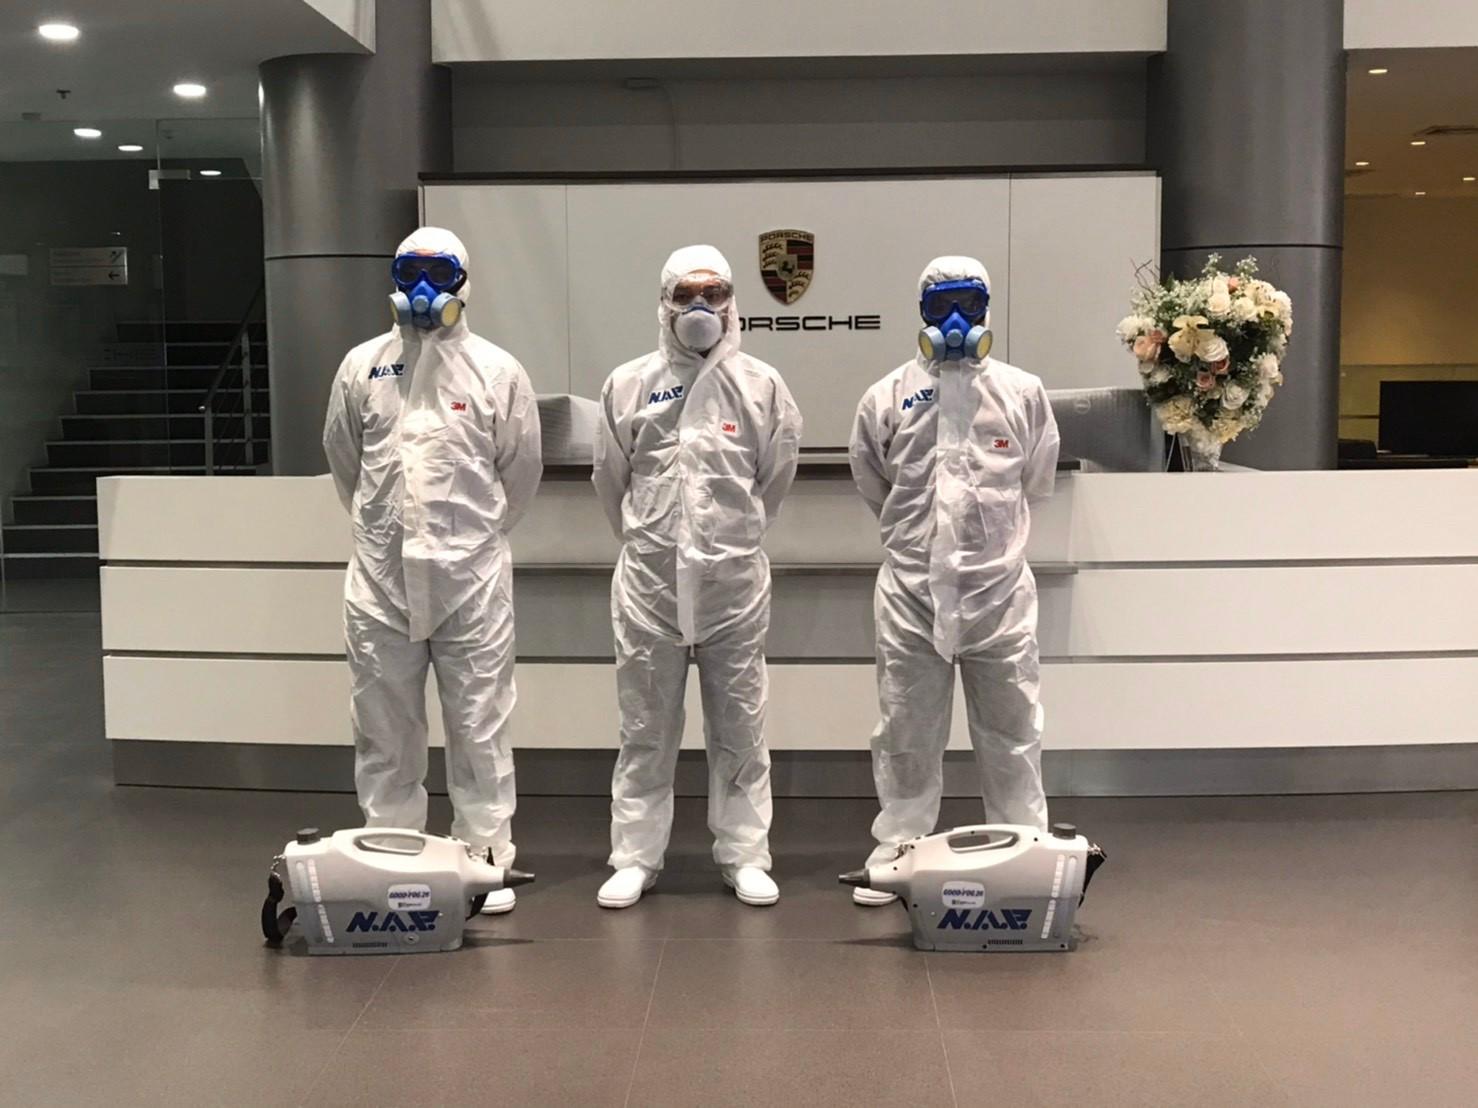 ปอร์เช่ เอเอเอสฯ จัดมาตรการรักษาความสะอาดและสุขอนามัย รับมือและป้องกัน COVID-19 เพื่อความมั่นใจแก่ลูกค้าและผู้ใช้บริการ